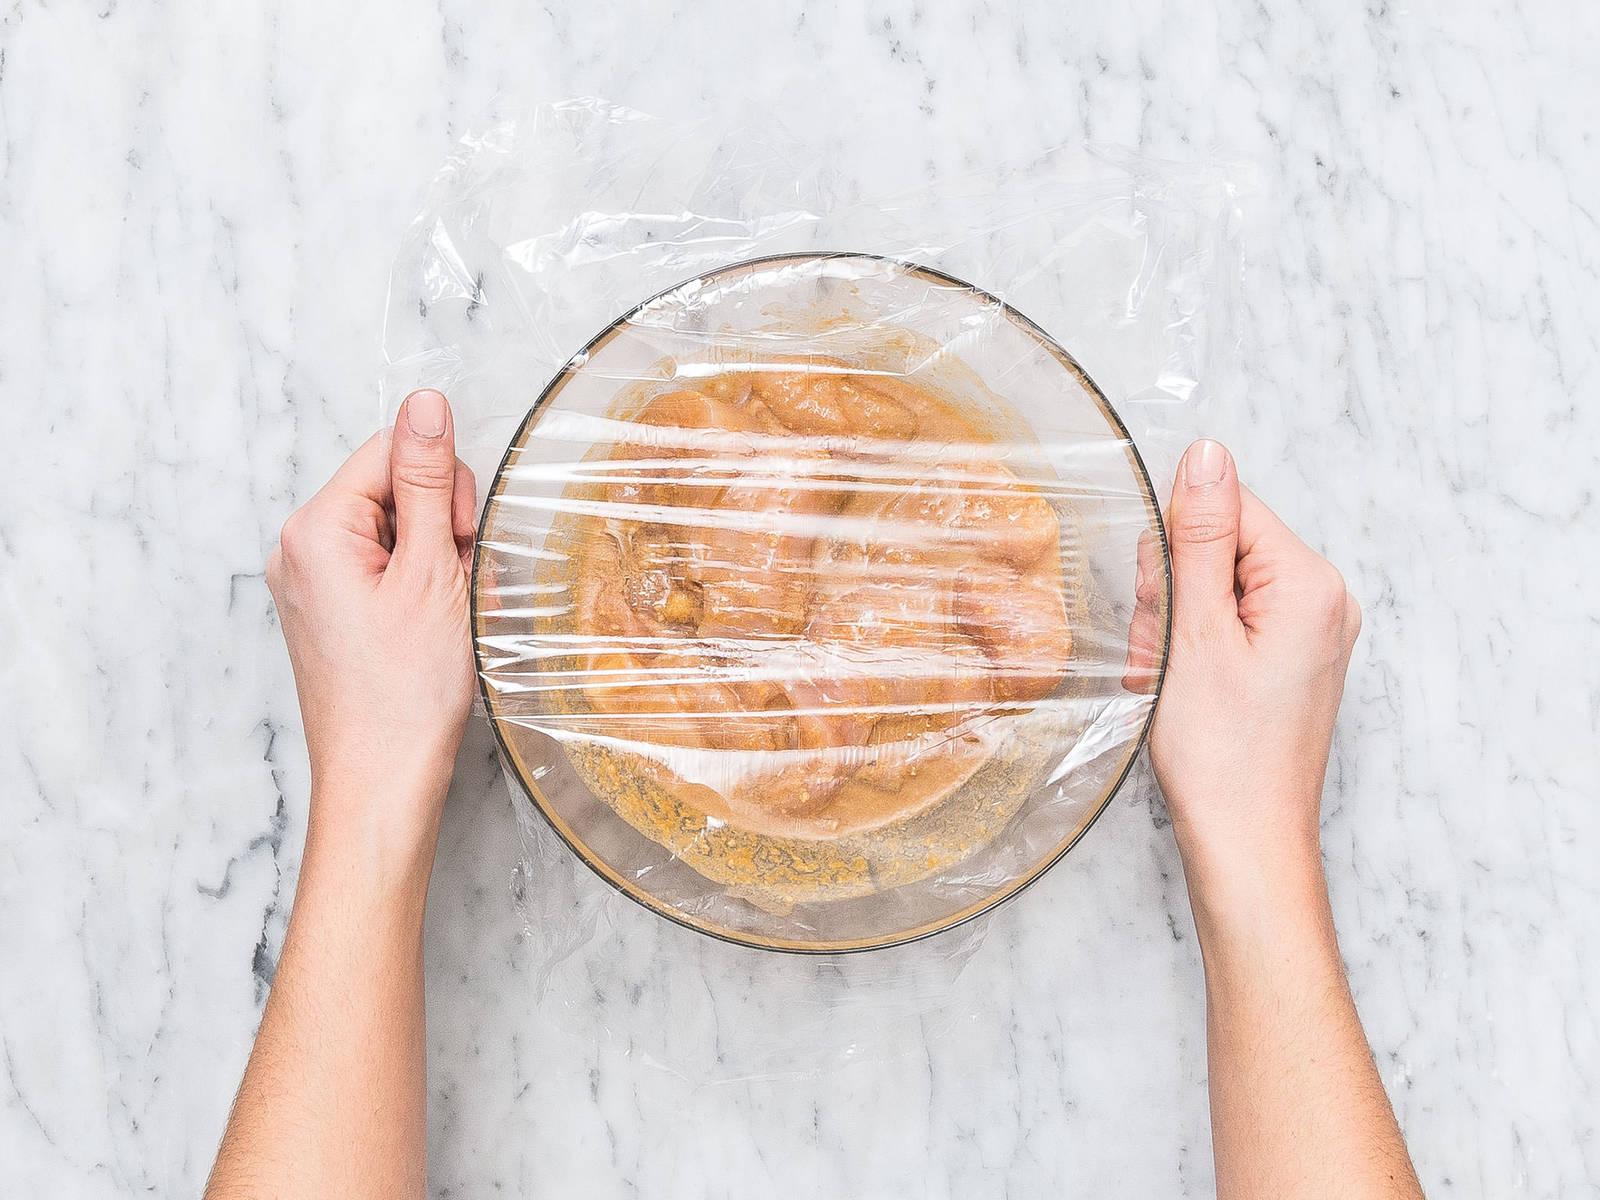 鸡胸肉切条,放入一只碗中。在碗中倒入略多于一半的酱汁和一些芝麻油。搅拌混合,盖上保鲜膜。静置起码2小时,或在冰箱中隔夜腌制。